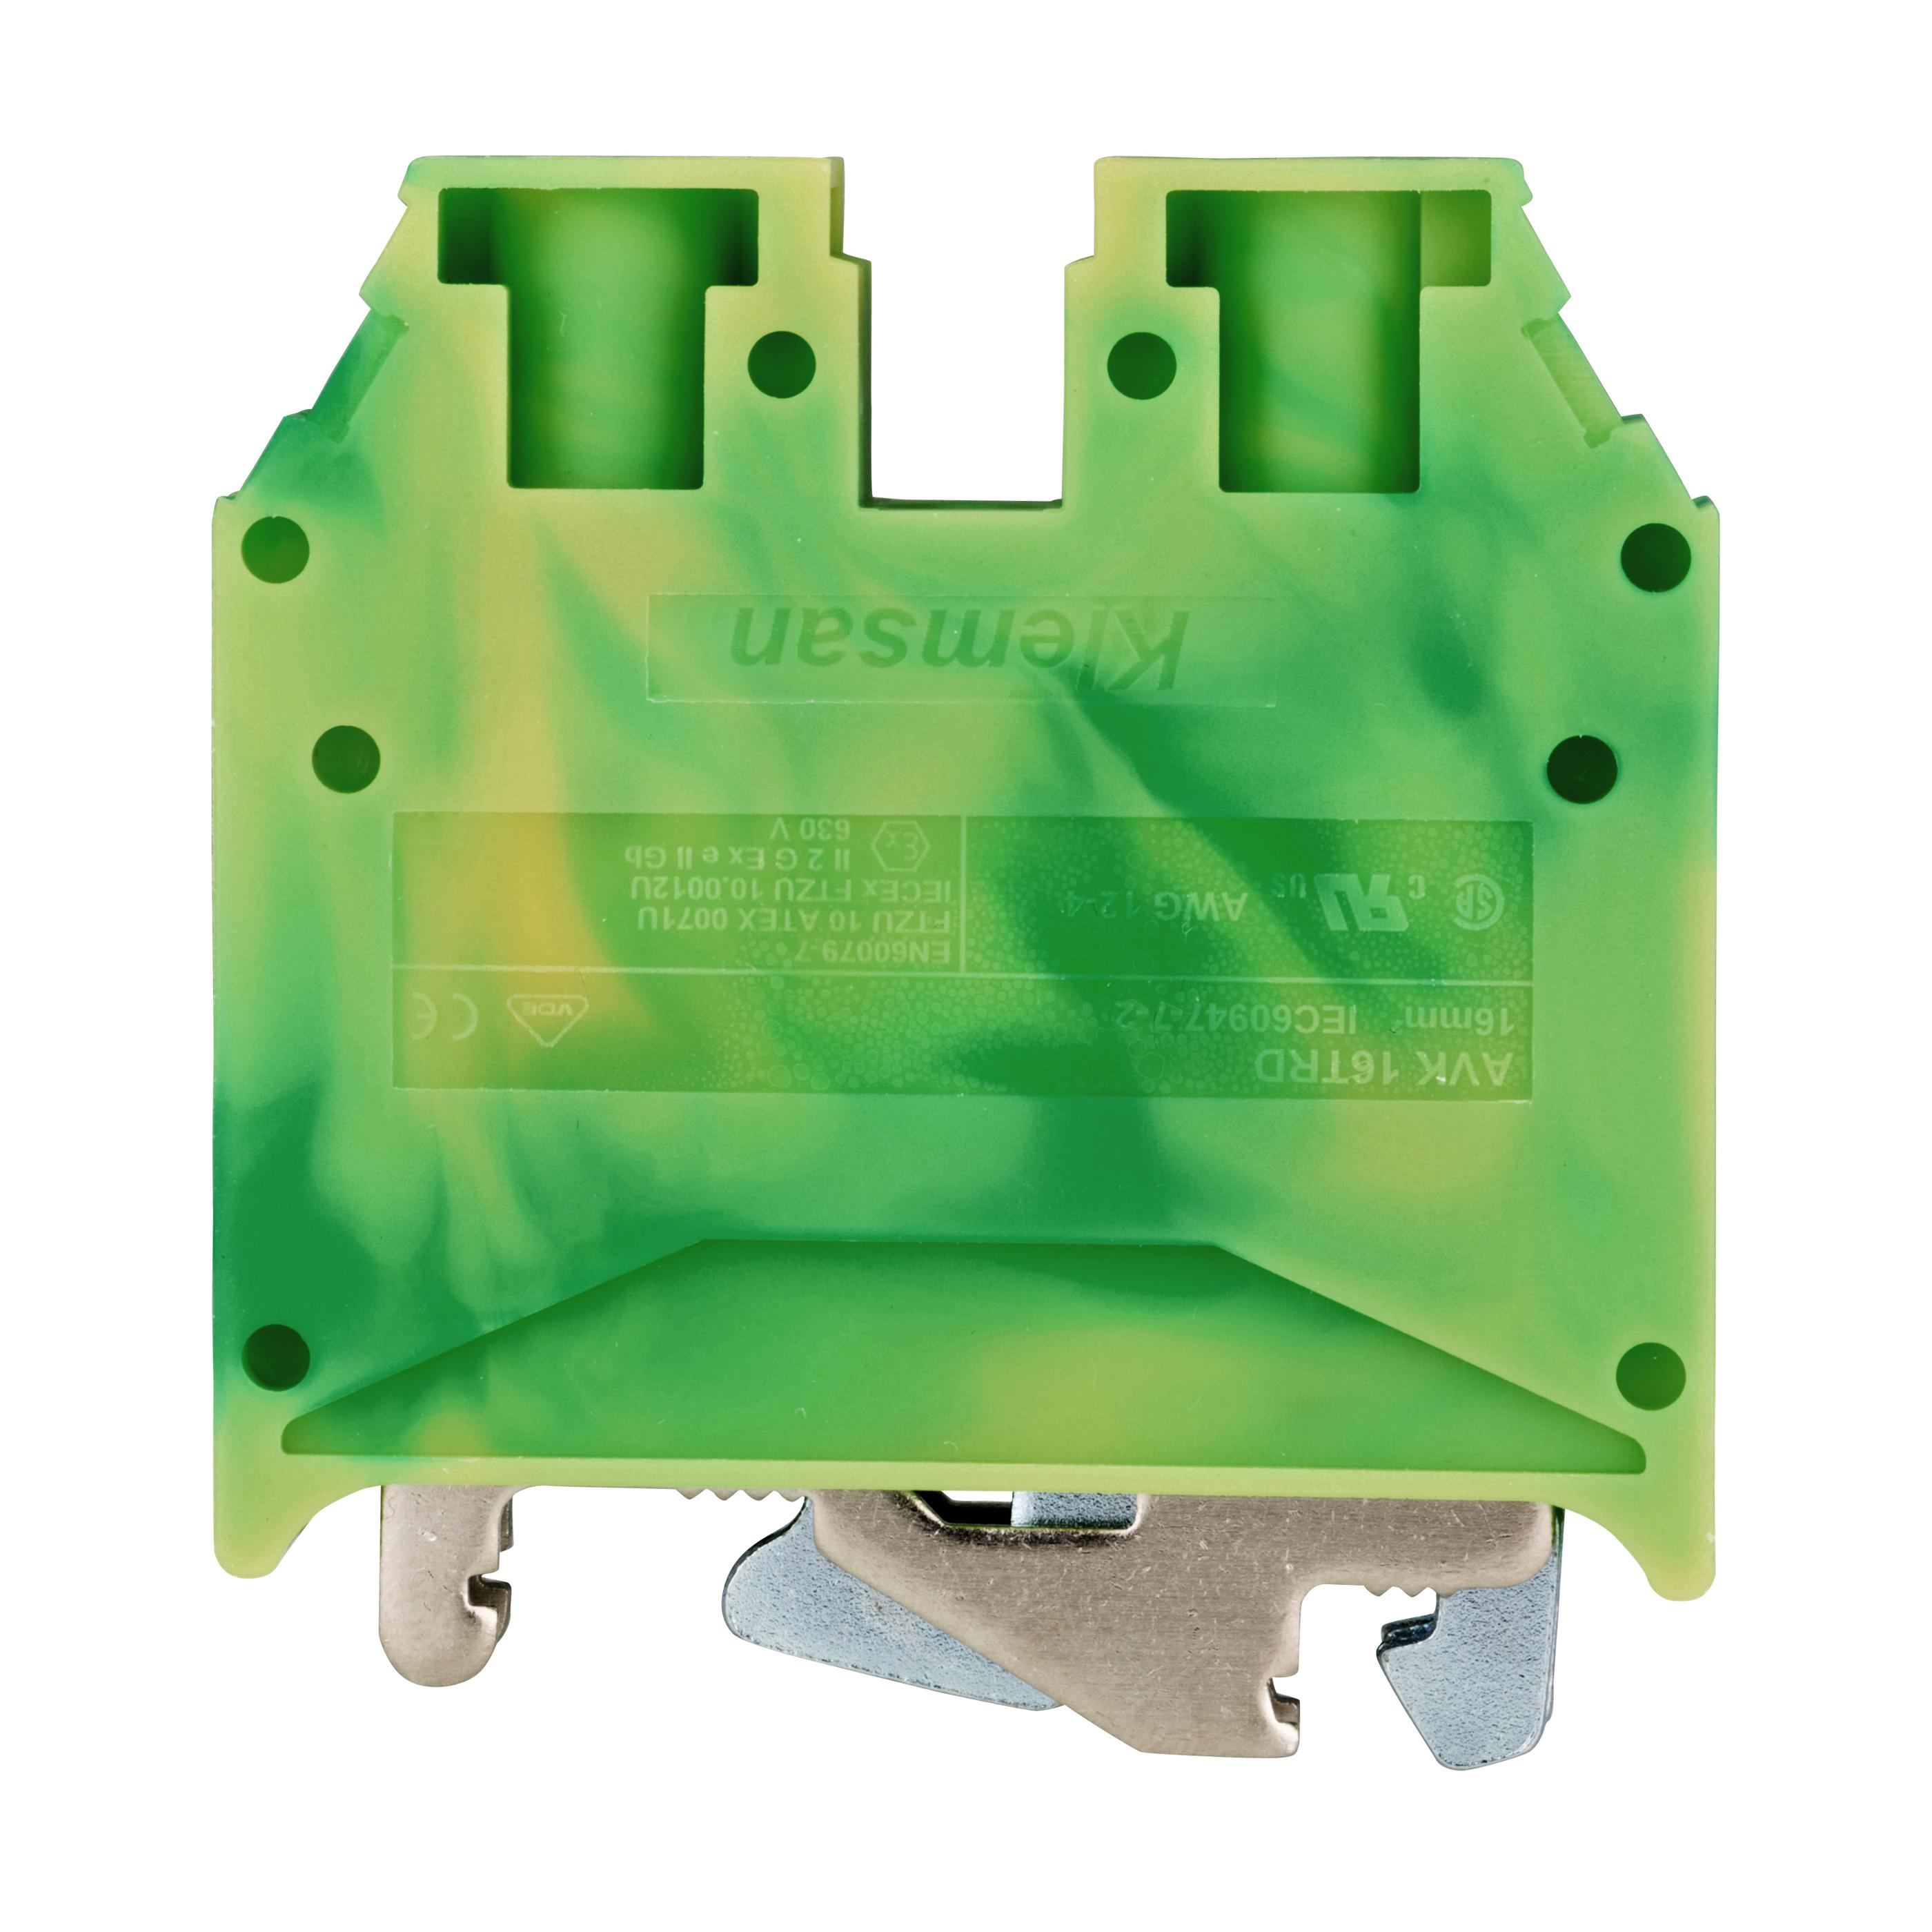 1 Stk Schutzleiterklemme 16mm², Type AVK 16T RD IK622016-A